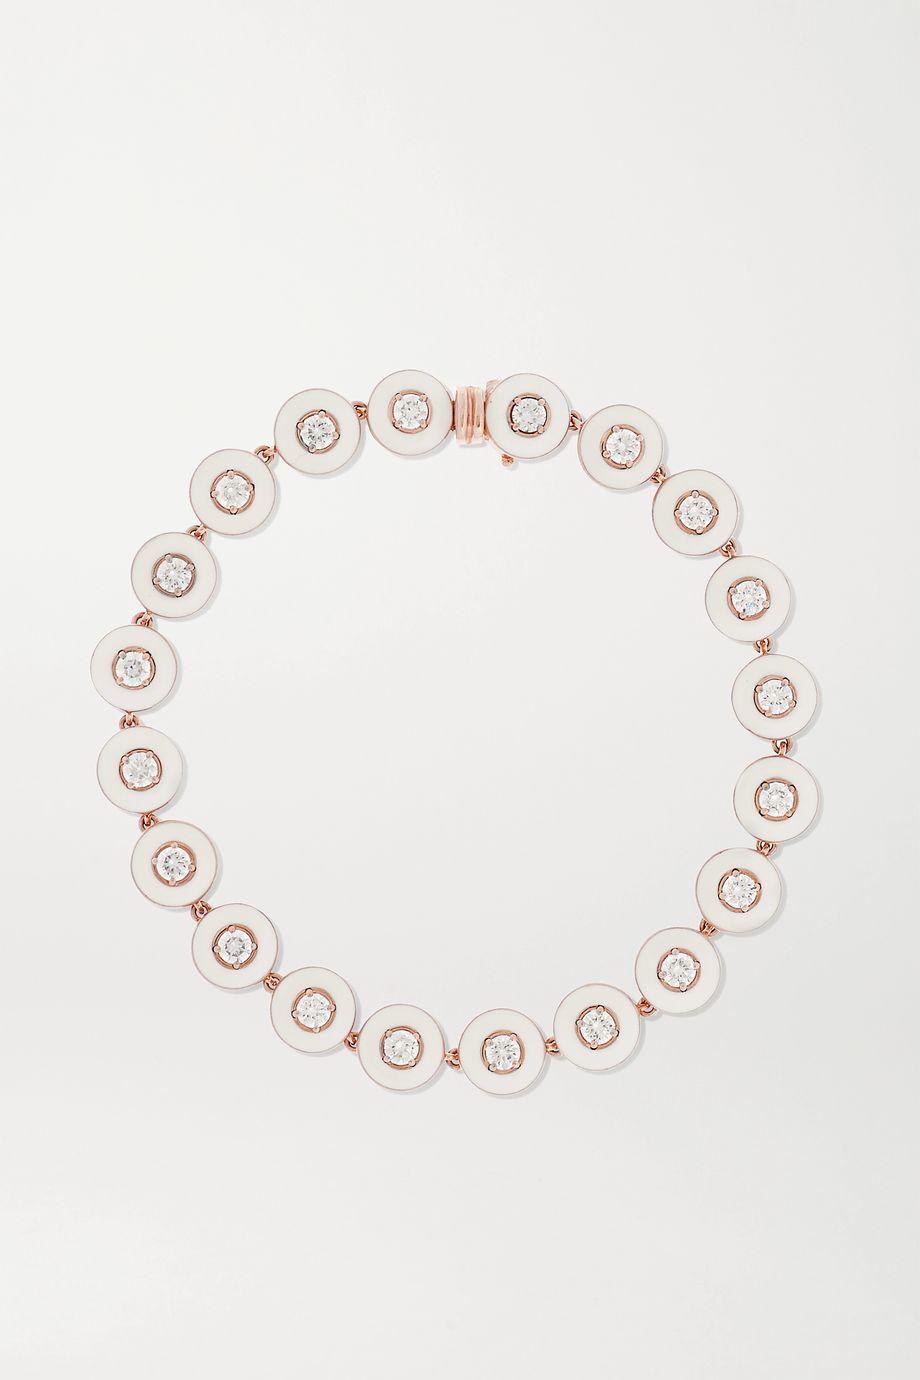 Selim Mouzannar Armband aus 18 Karat Roségold mit Emaille und Diamanten